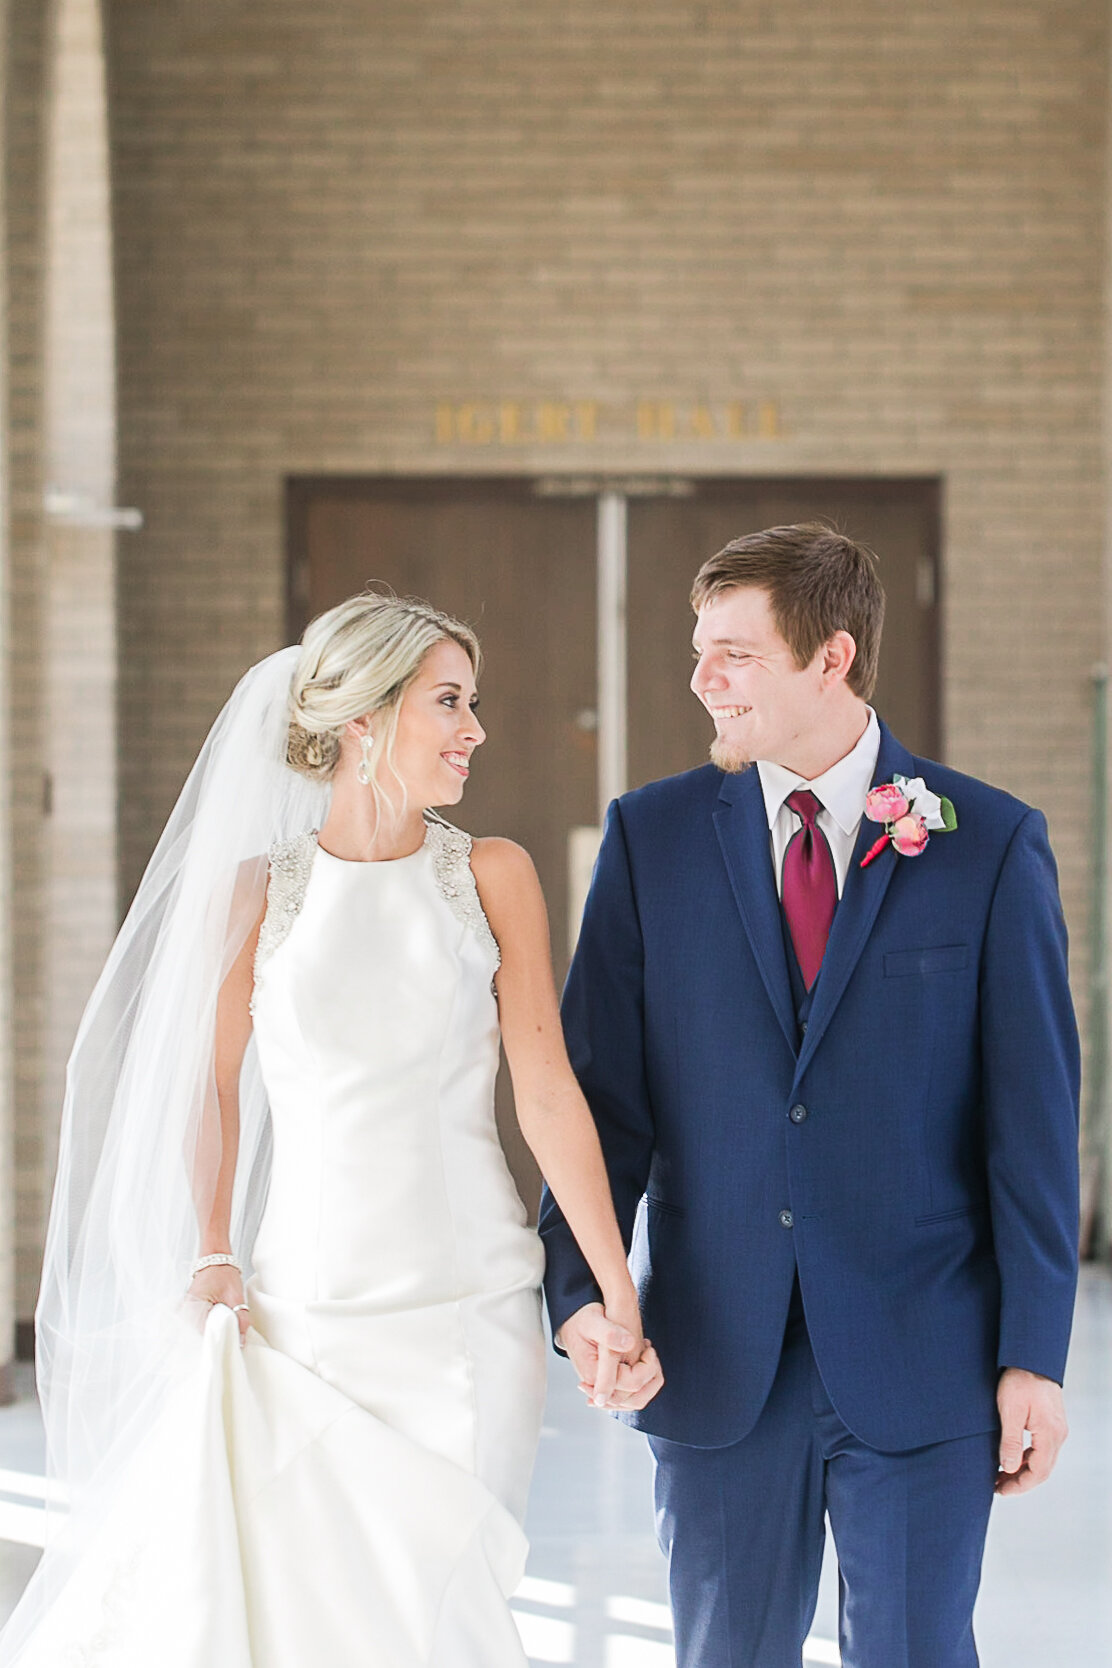 Chelsea-Hayden-wedding-473.jpg